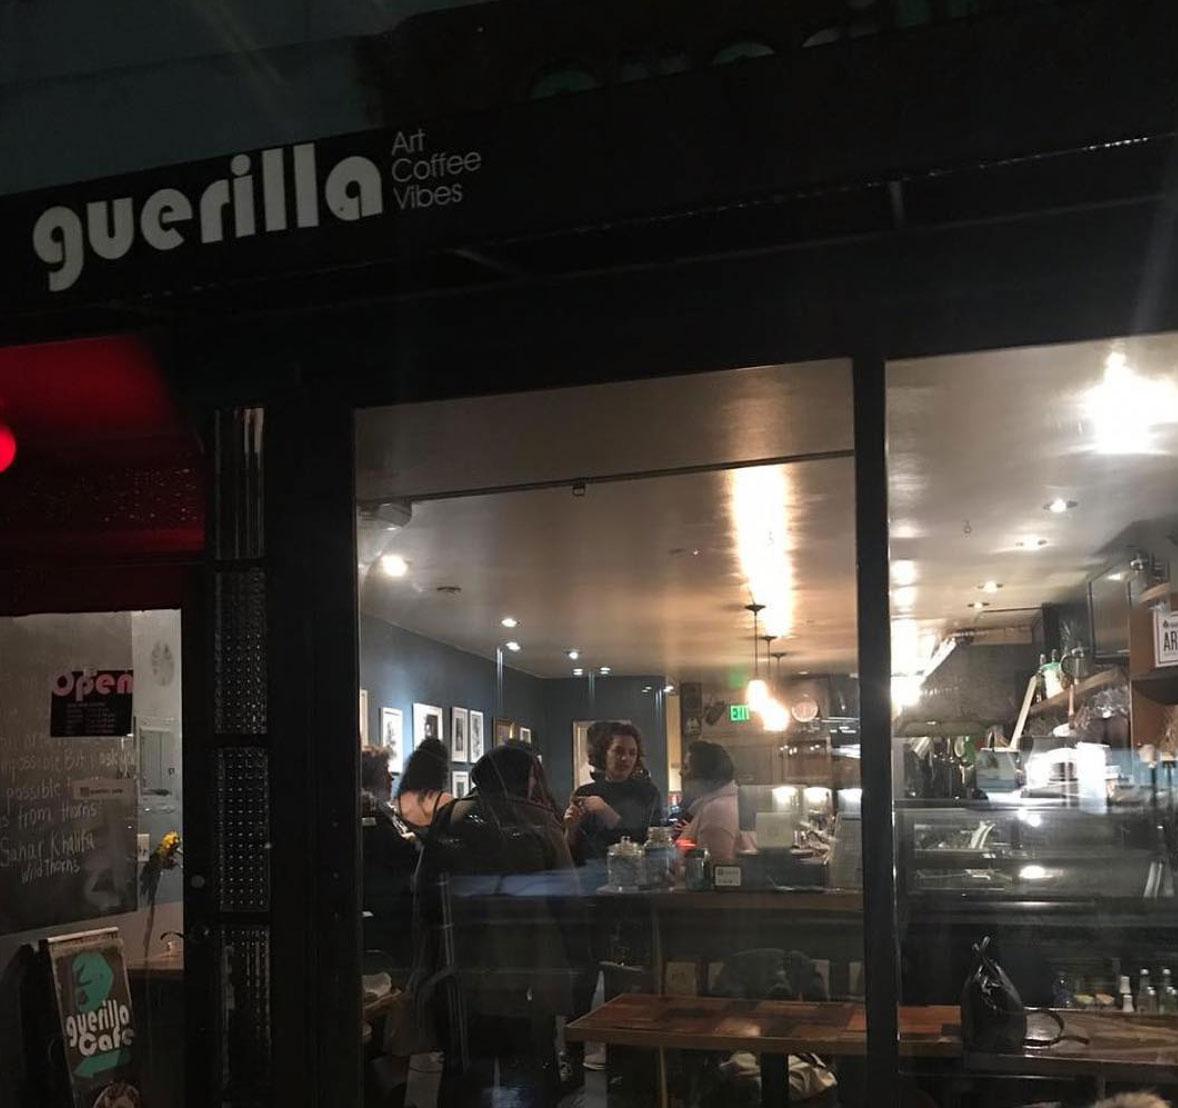 Guerilla-cafe.jpg